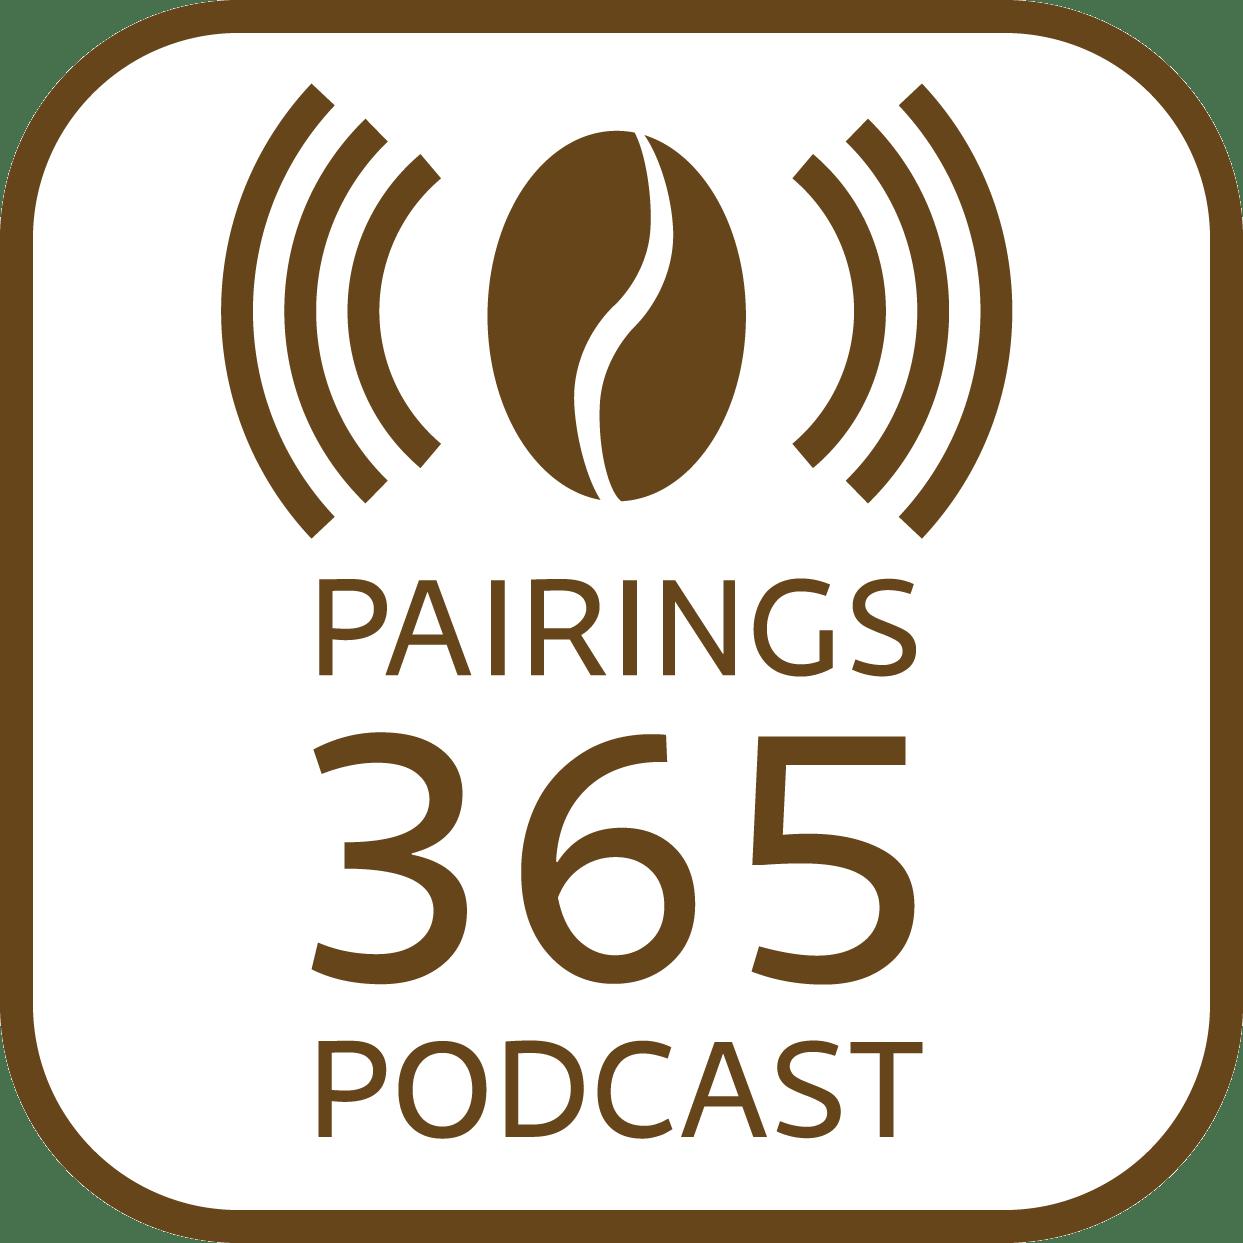 Pairings 365